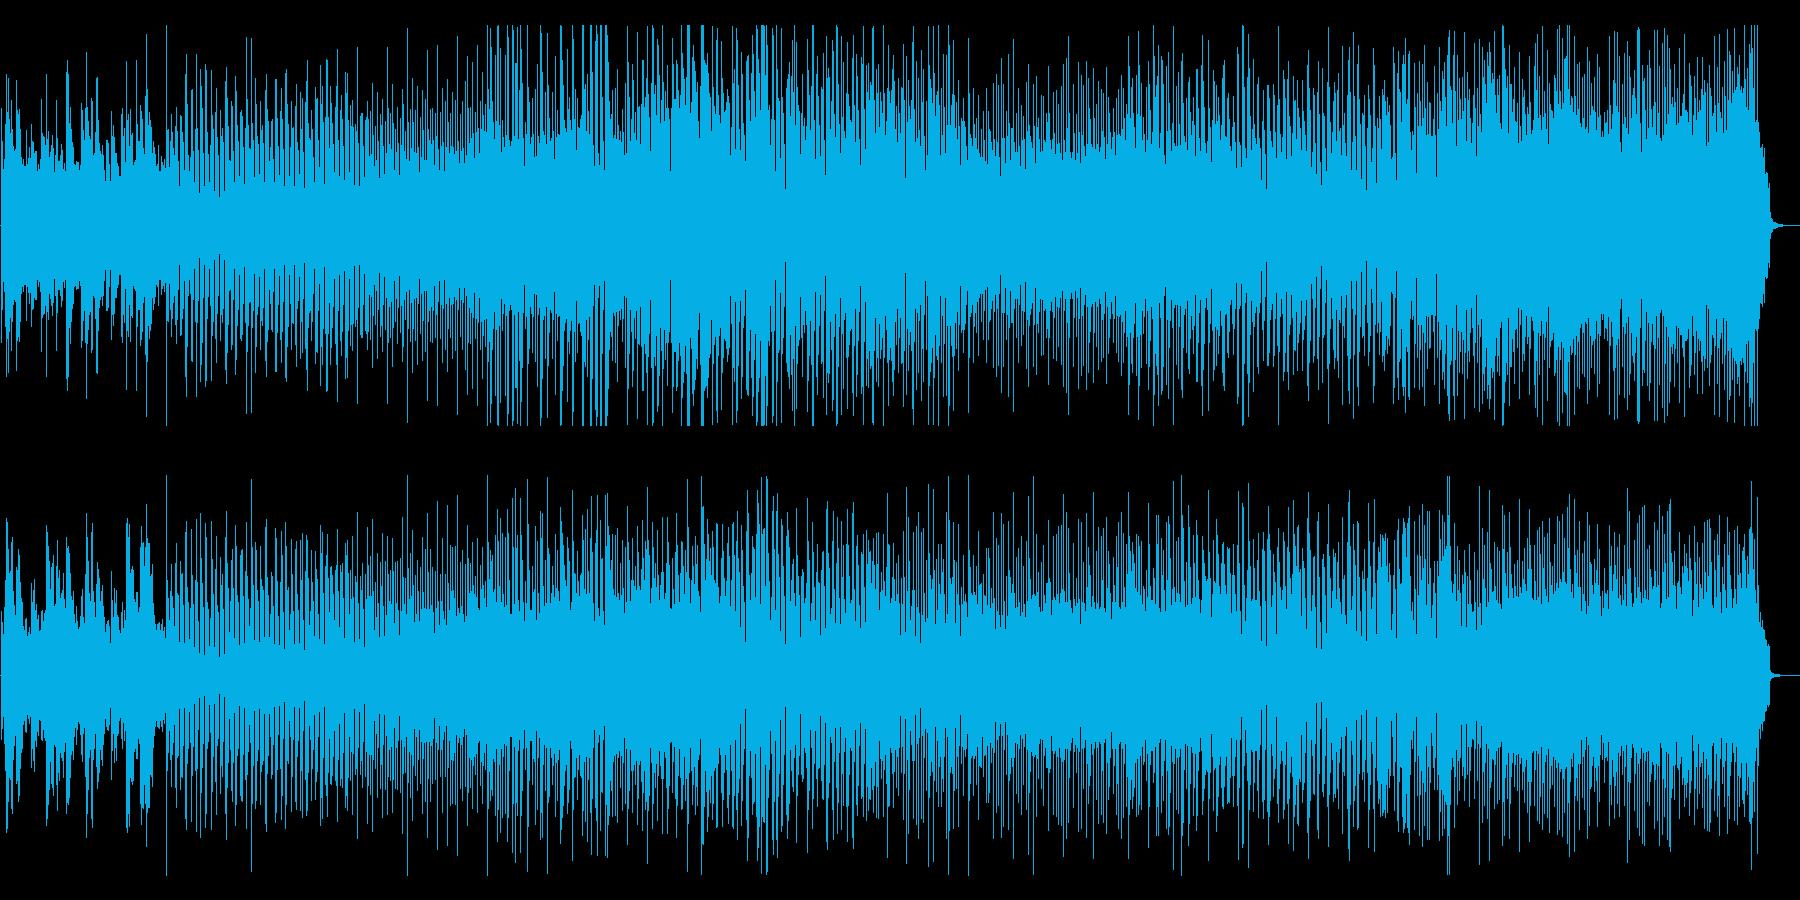 『心のクリーニング』明るく前向きポップスの再生済みの波形